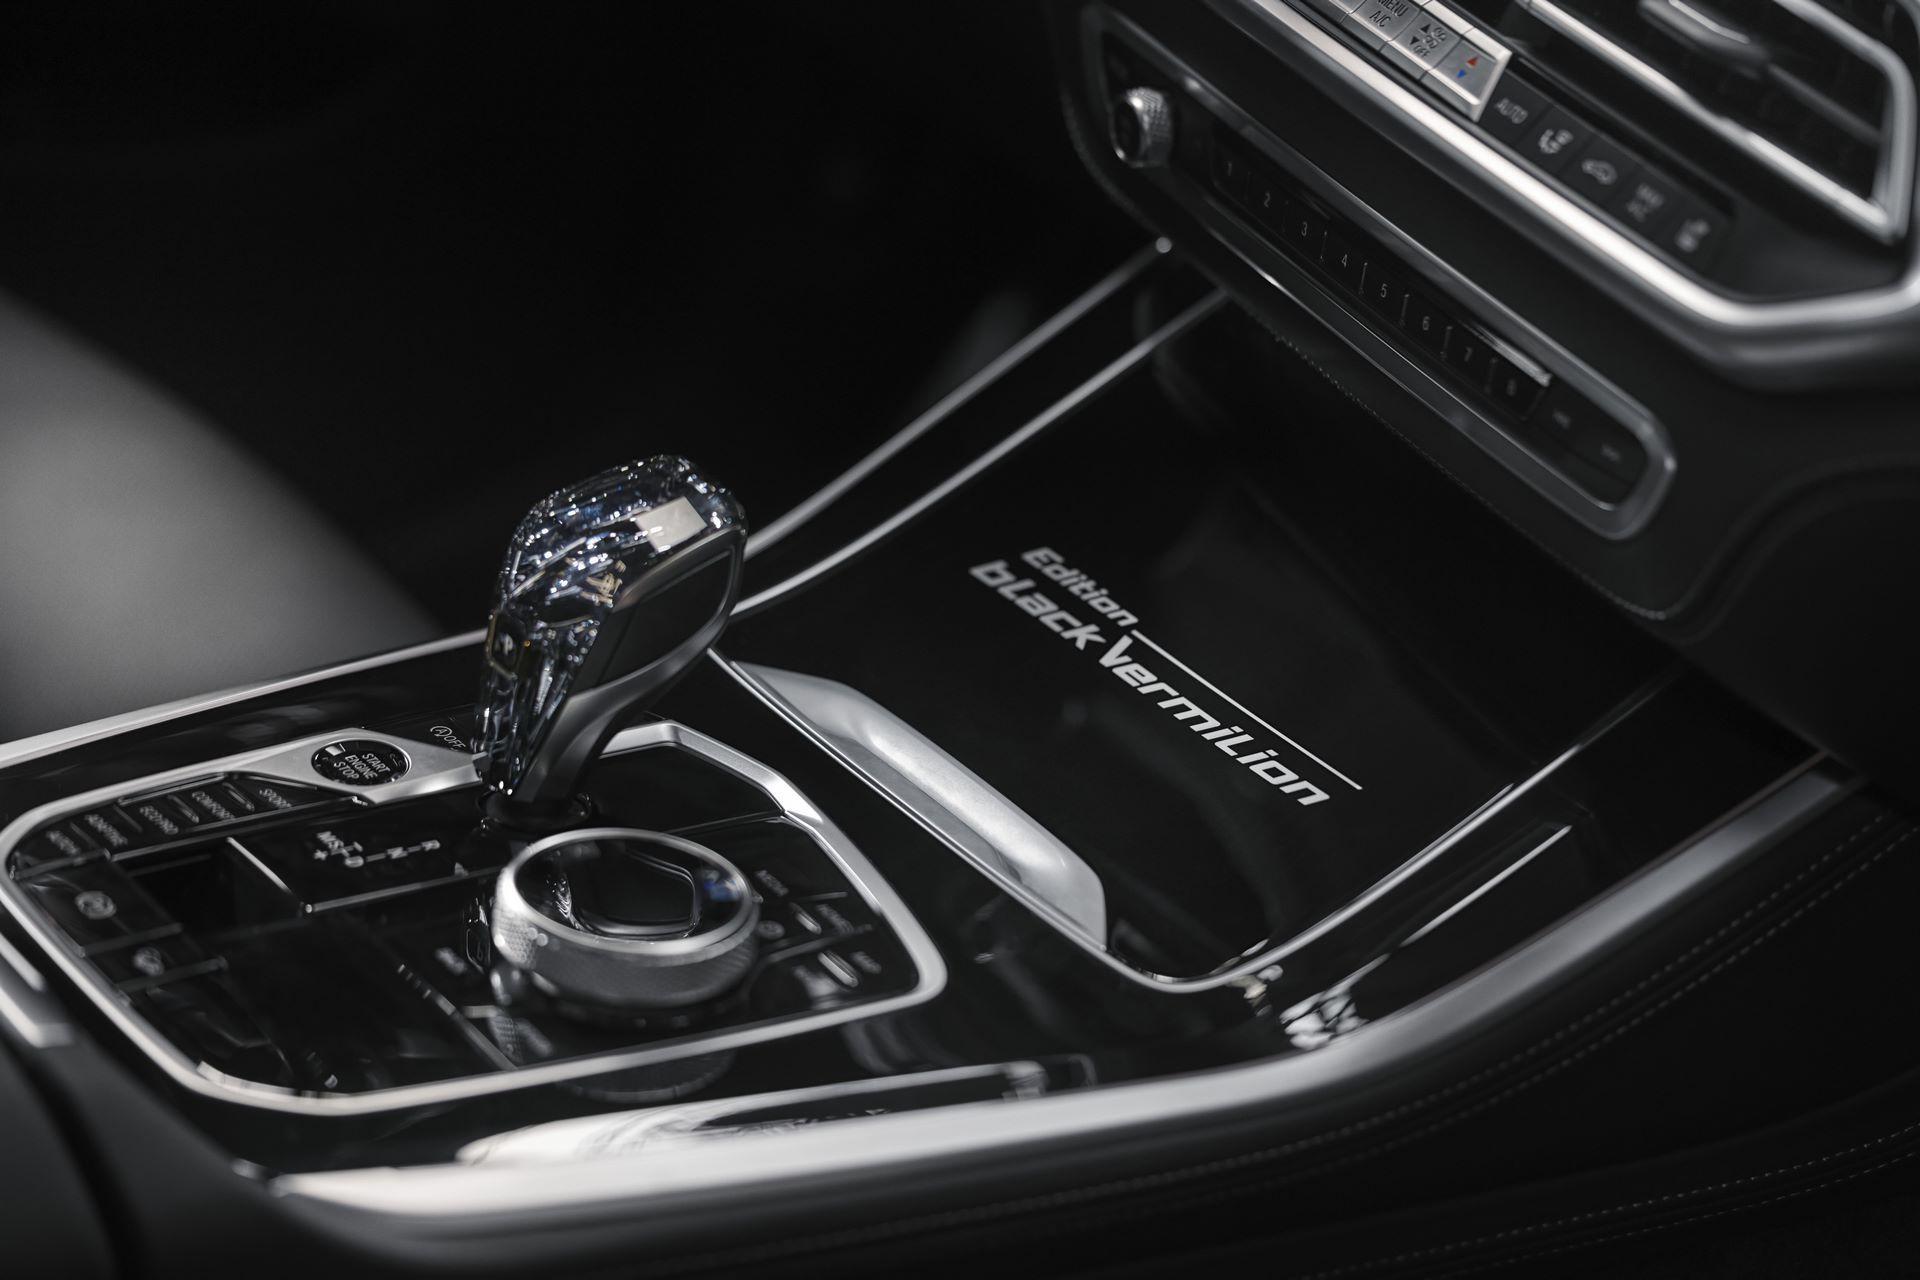 BMW-X5-Χ6-Black-Vermilion-X7-Limited-Edition-17